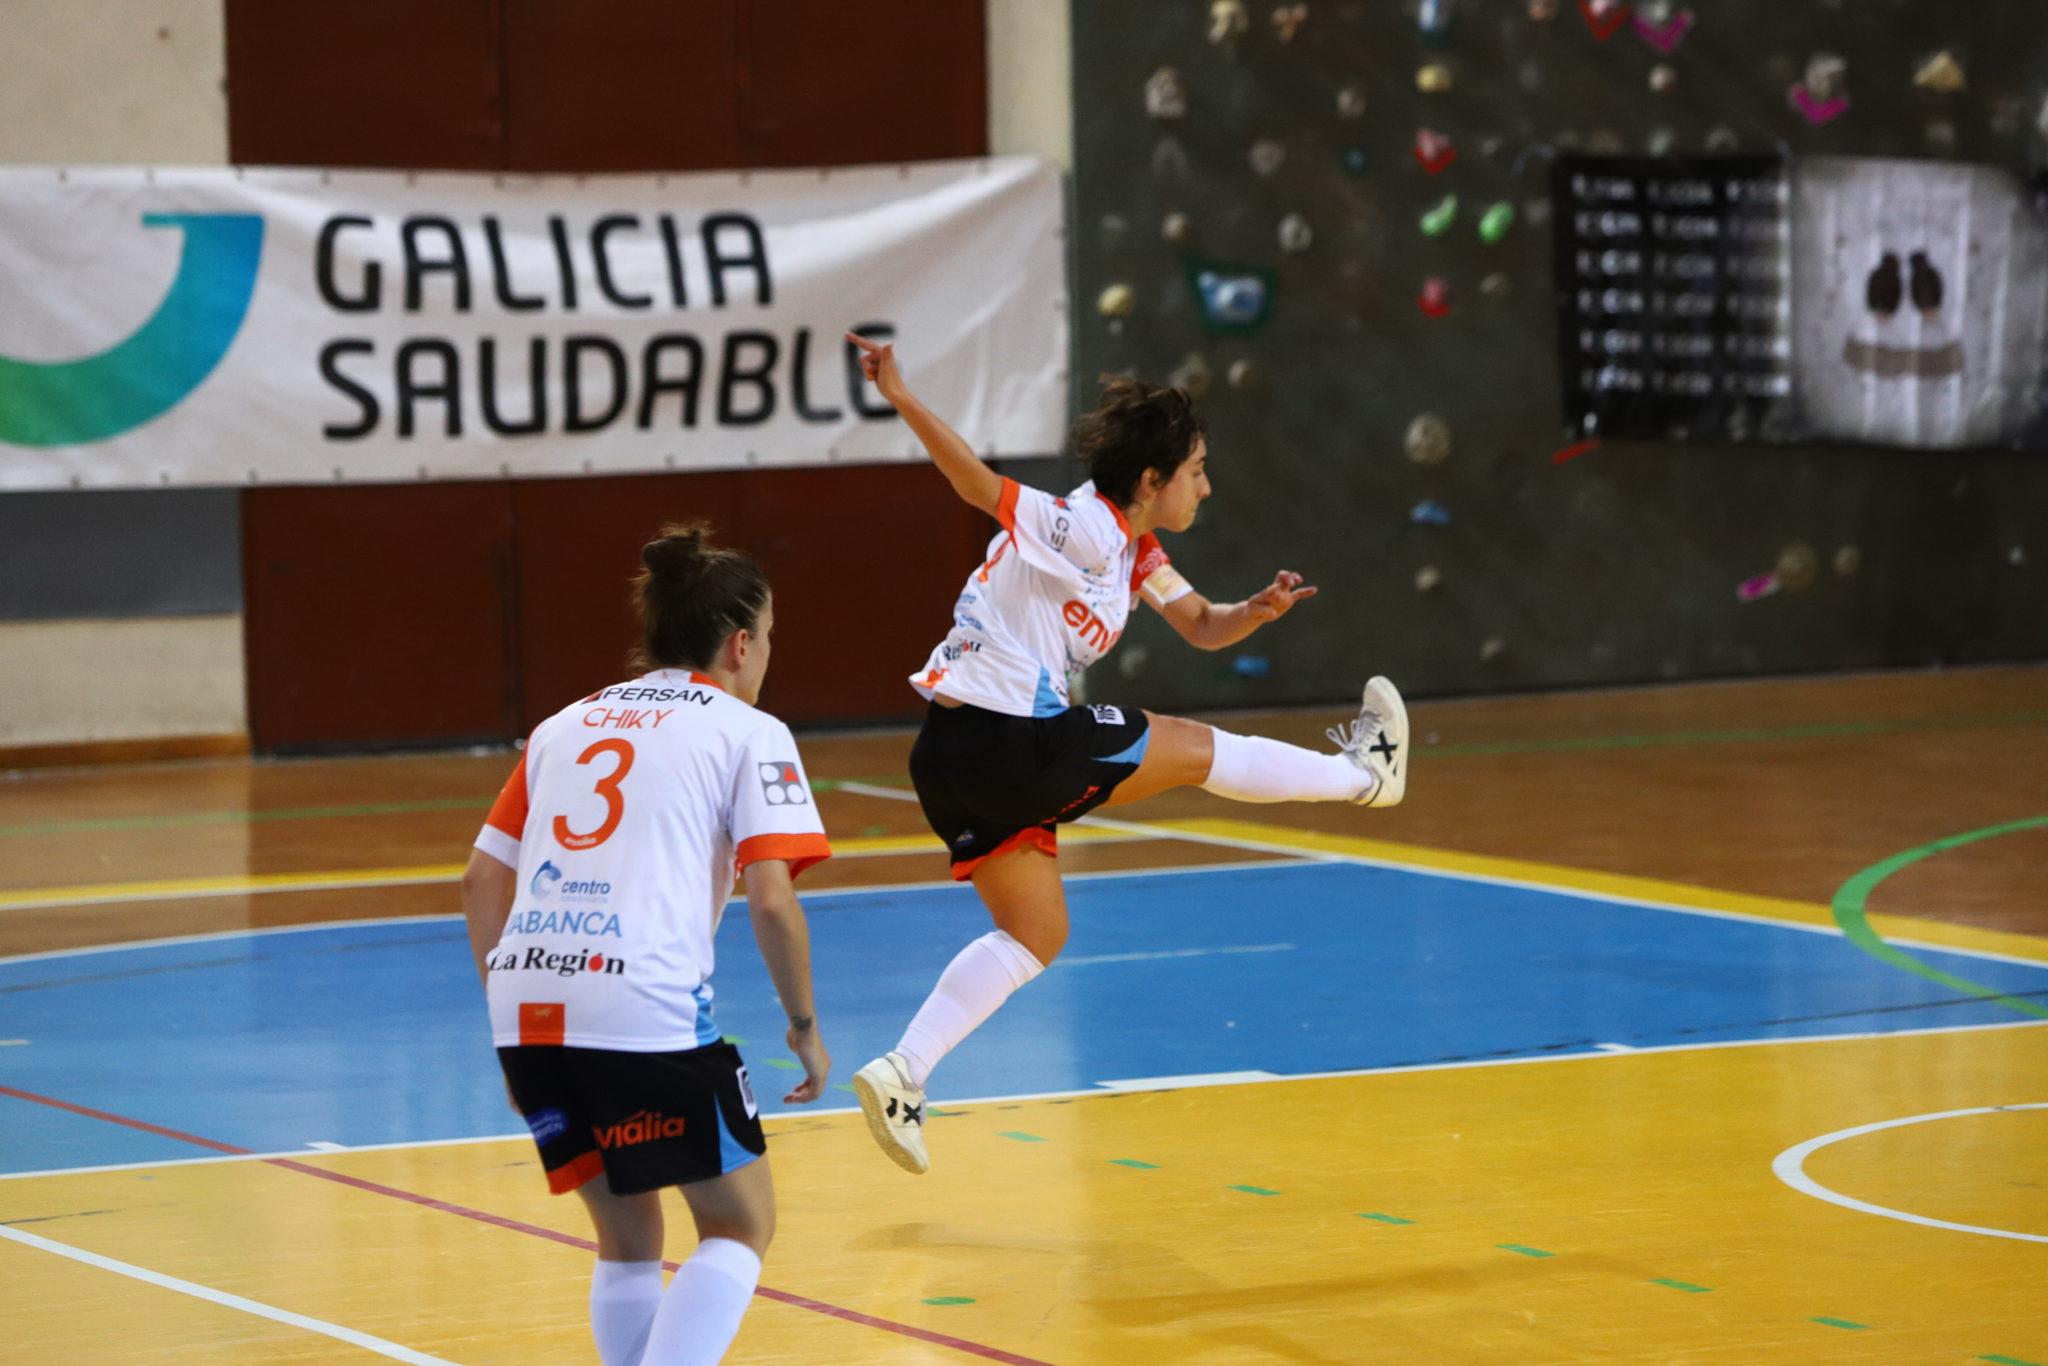 Chiky Ourense Envialia - Leganés | David Pereda @pereda9